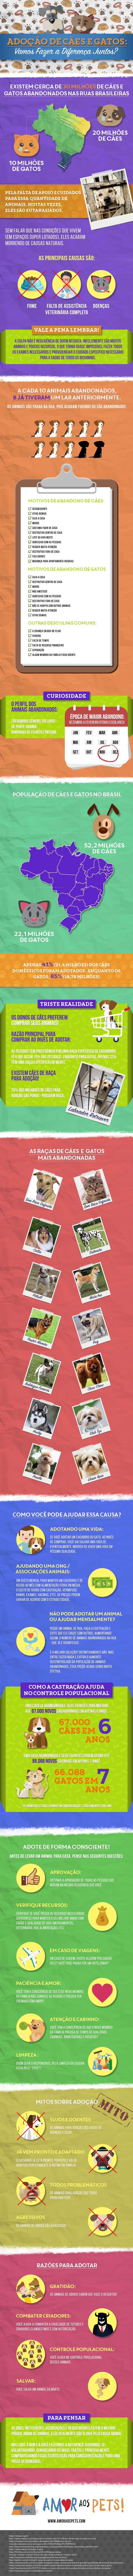 verdades sobre a adoção de animais no Brasil